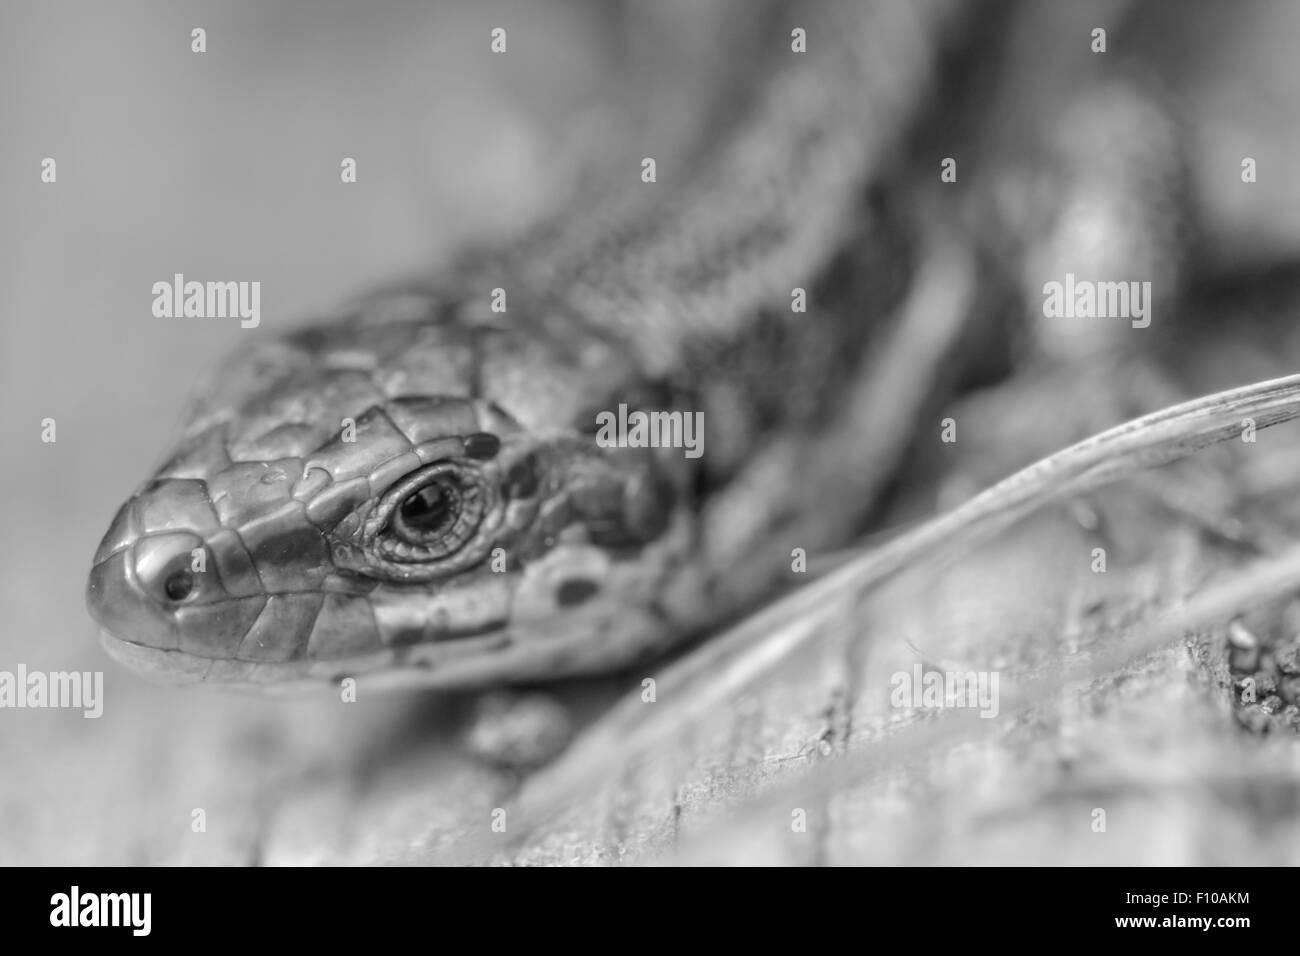 Schwarz / weiss Portrait einer gemeinsamen Eidechse. Stockfoto